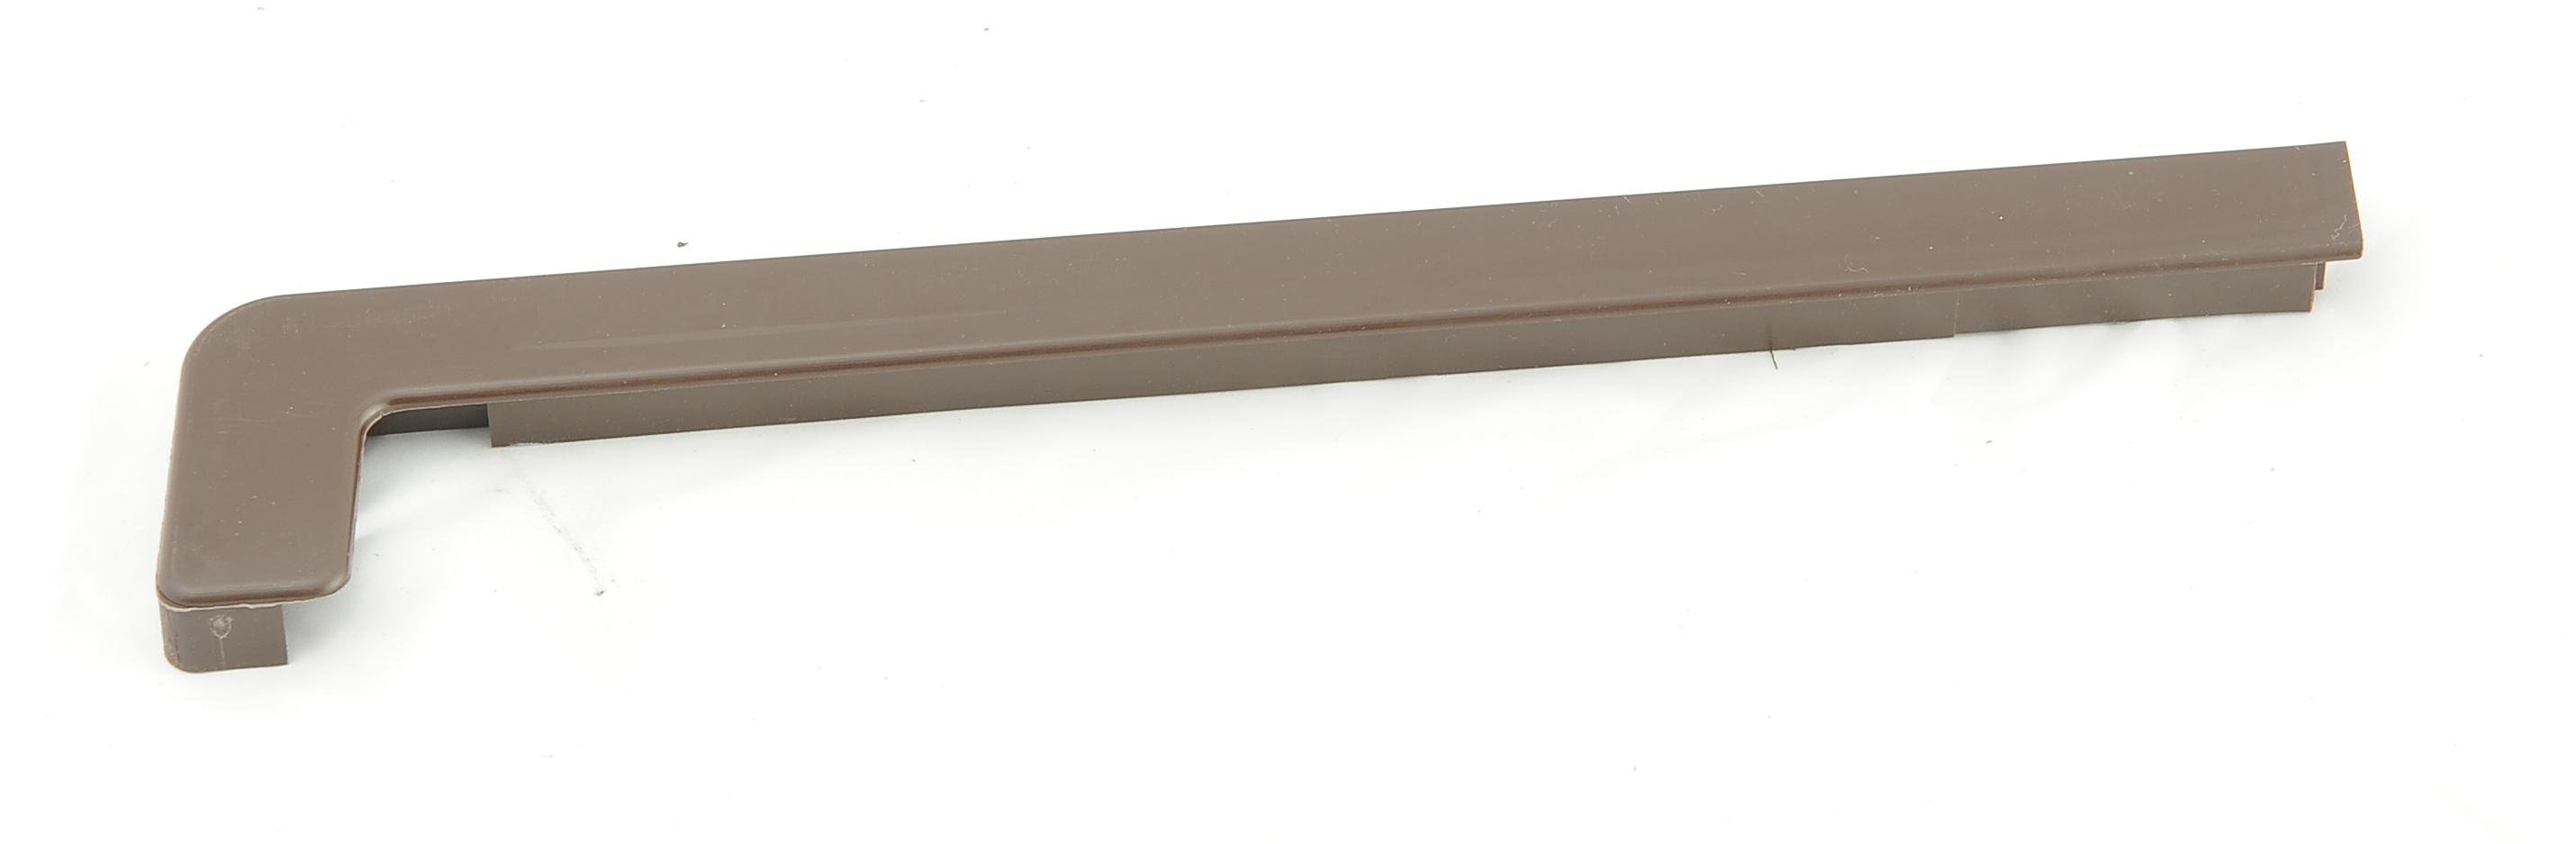 Plastová krytka k hliníkovým ohýbaným parapetům 50 až 130 mm